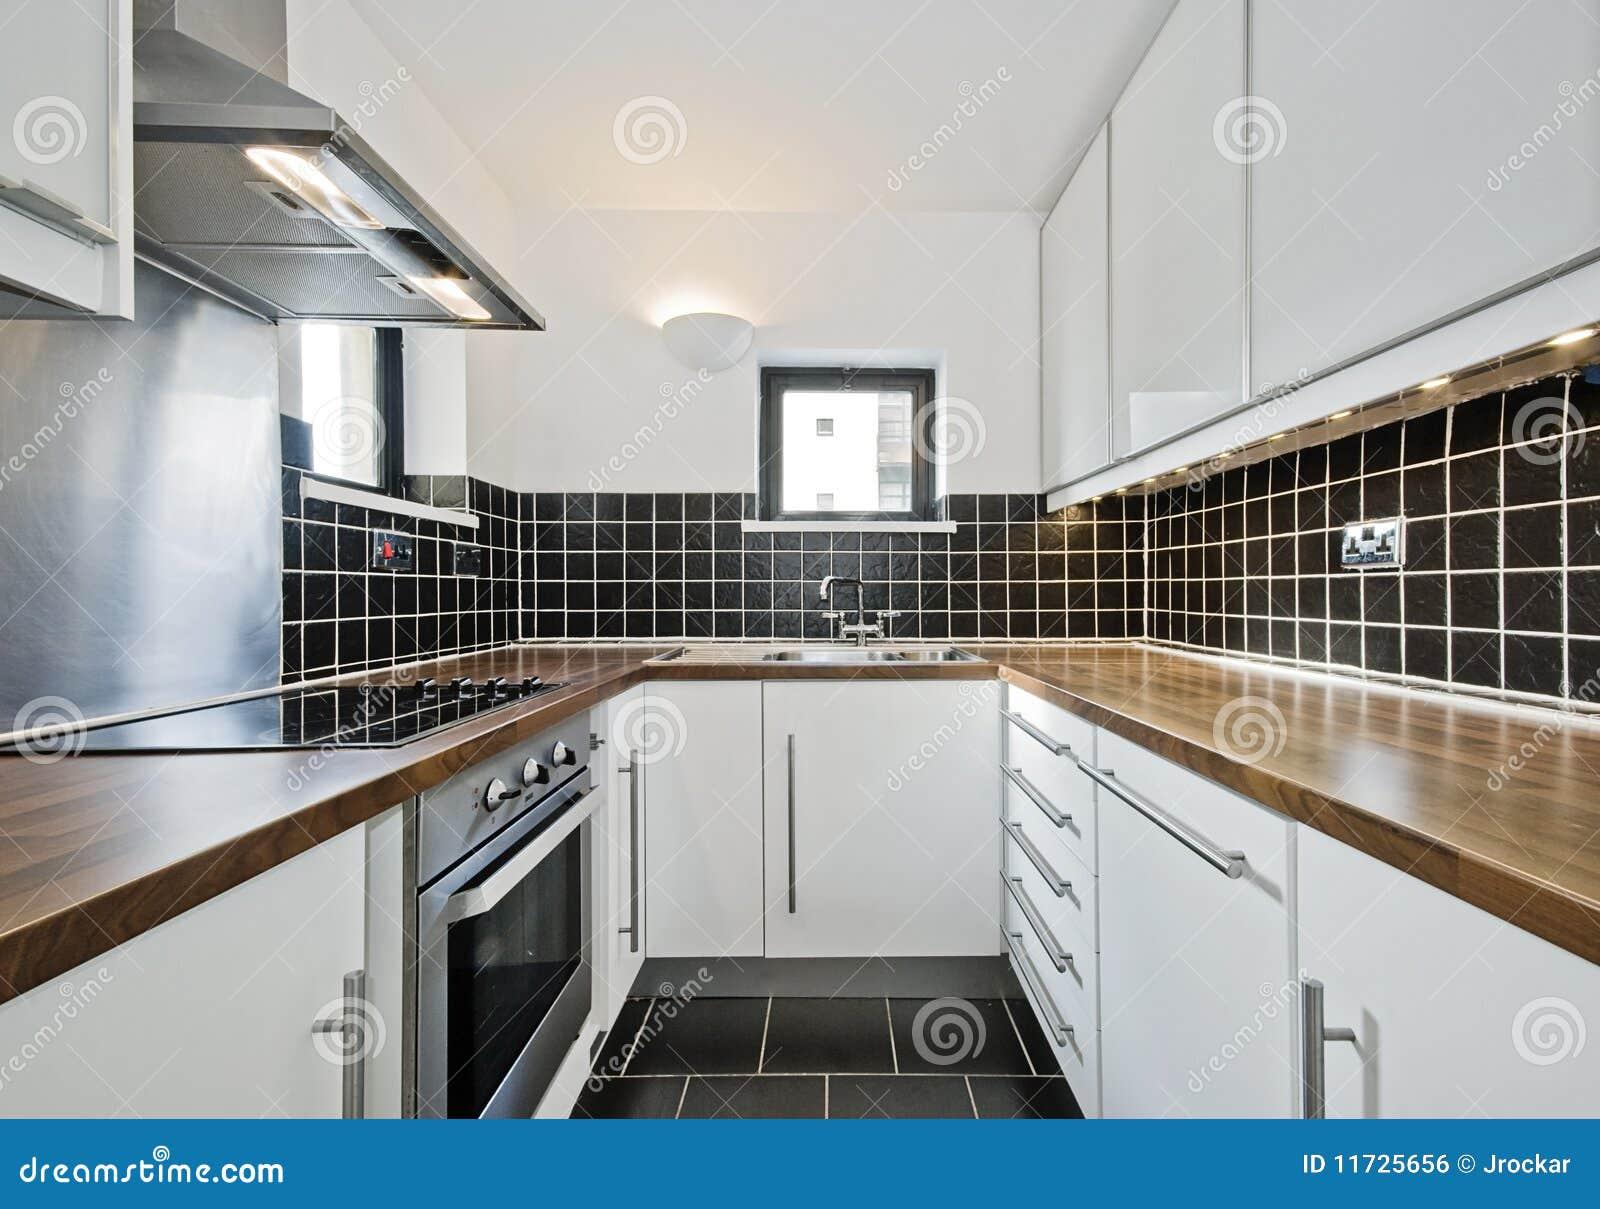 Cozinha moderna com as telhas cerâmicas pretas e worktop de madeira. #83A328 1300 999